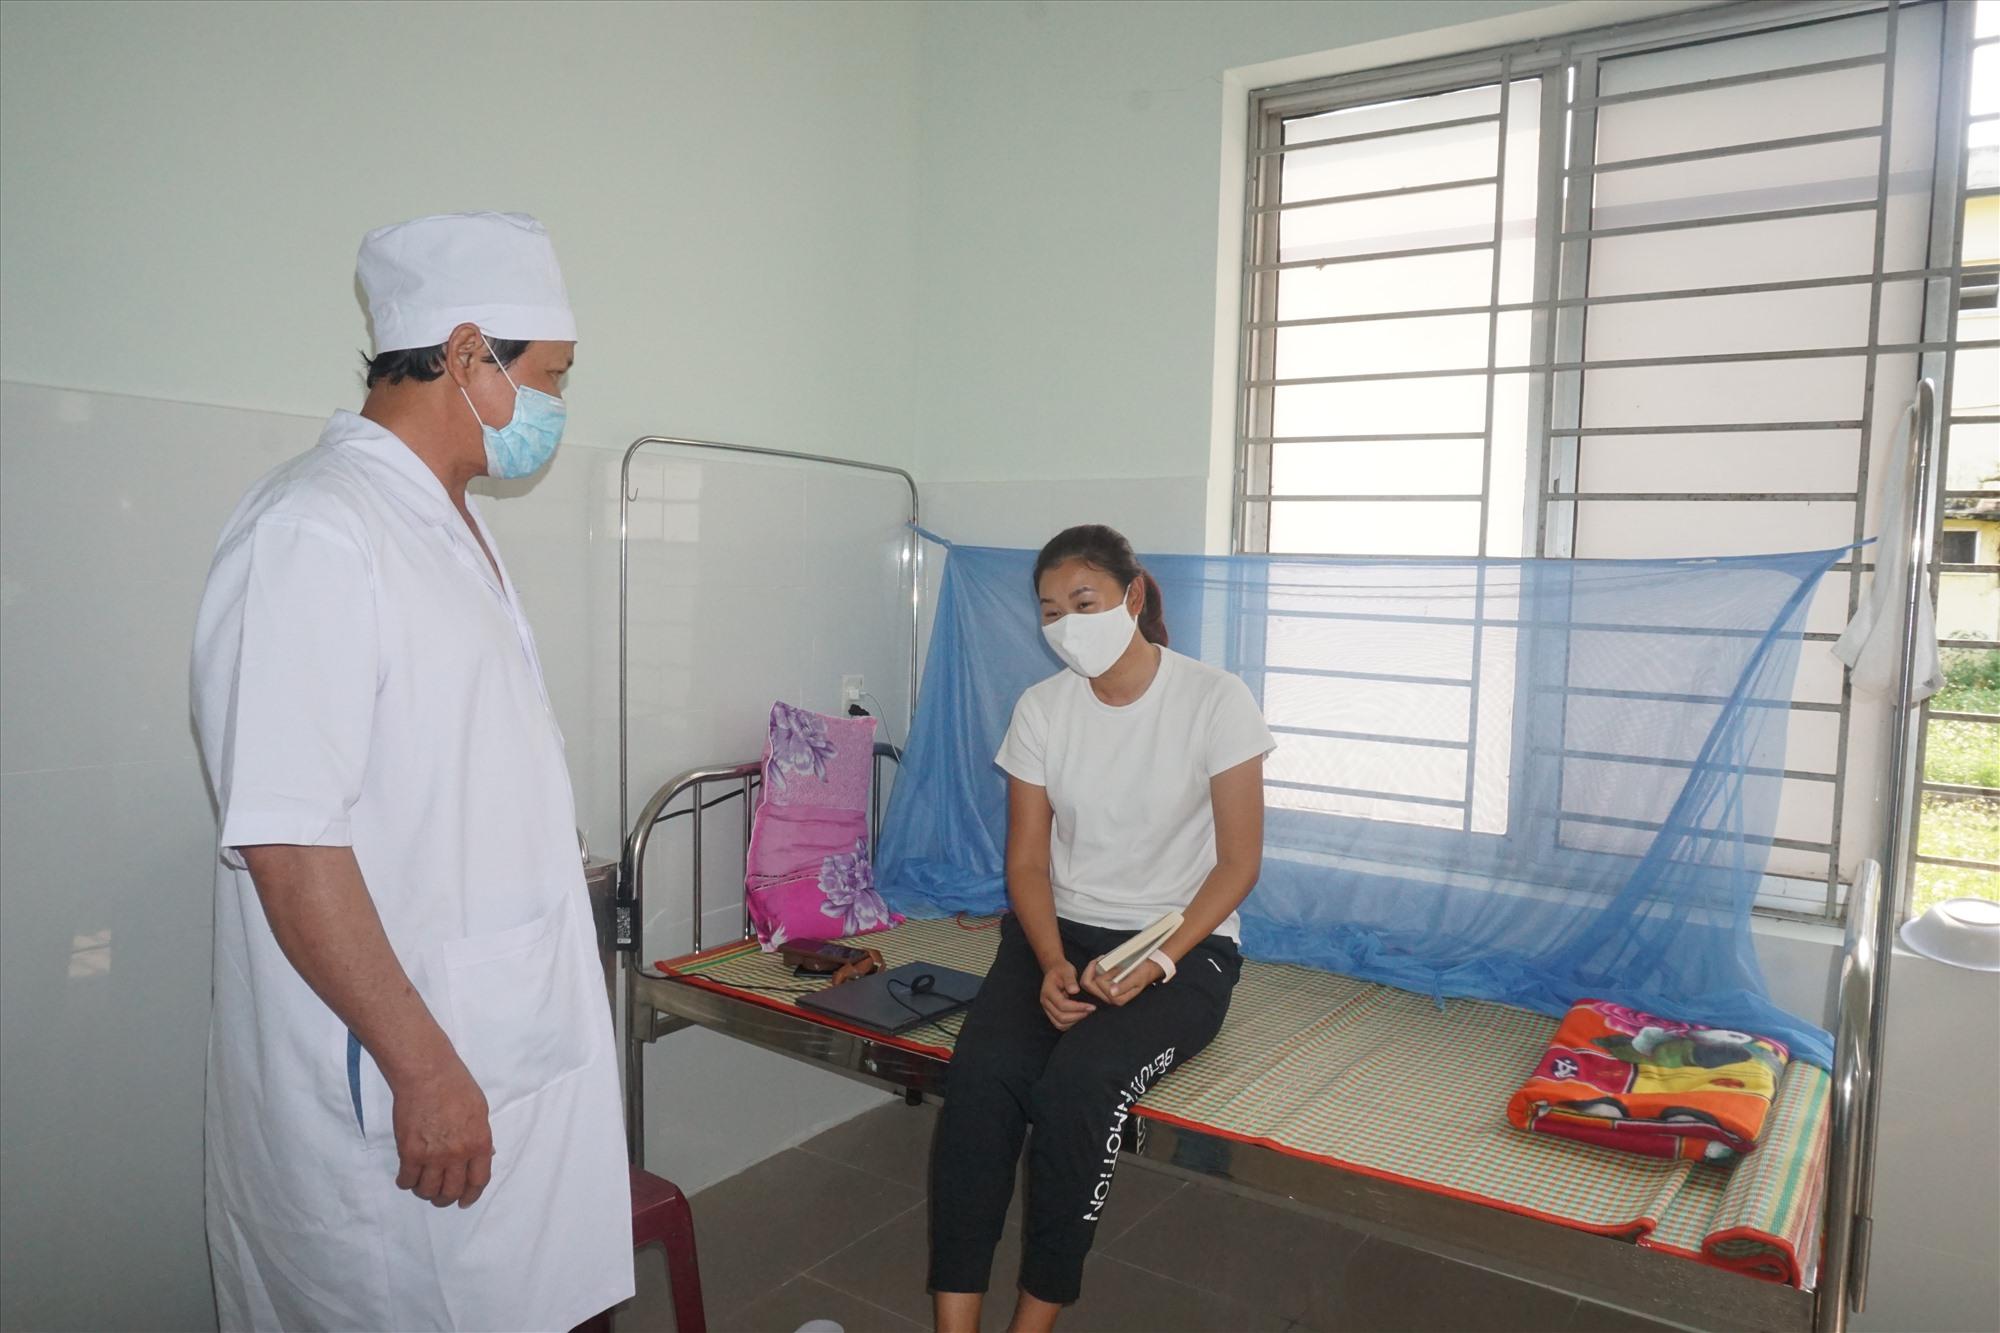 Cán bộ Trung tâm Y tế huyện Thăng Bình thăm hỏi người thực hiện cách ly tại Khoa Truyền nhiễm. Ảnh: T.THỰC